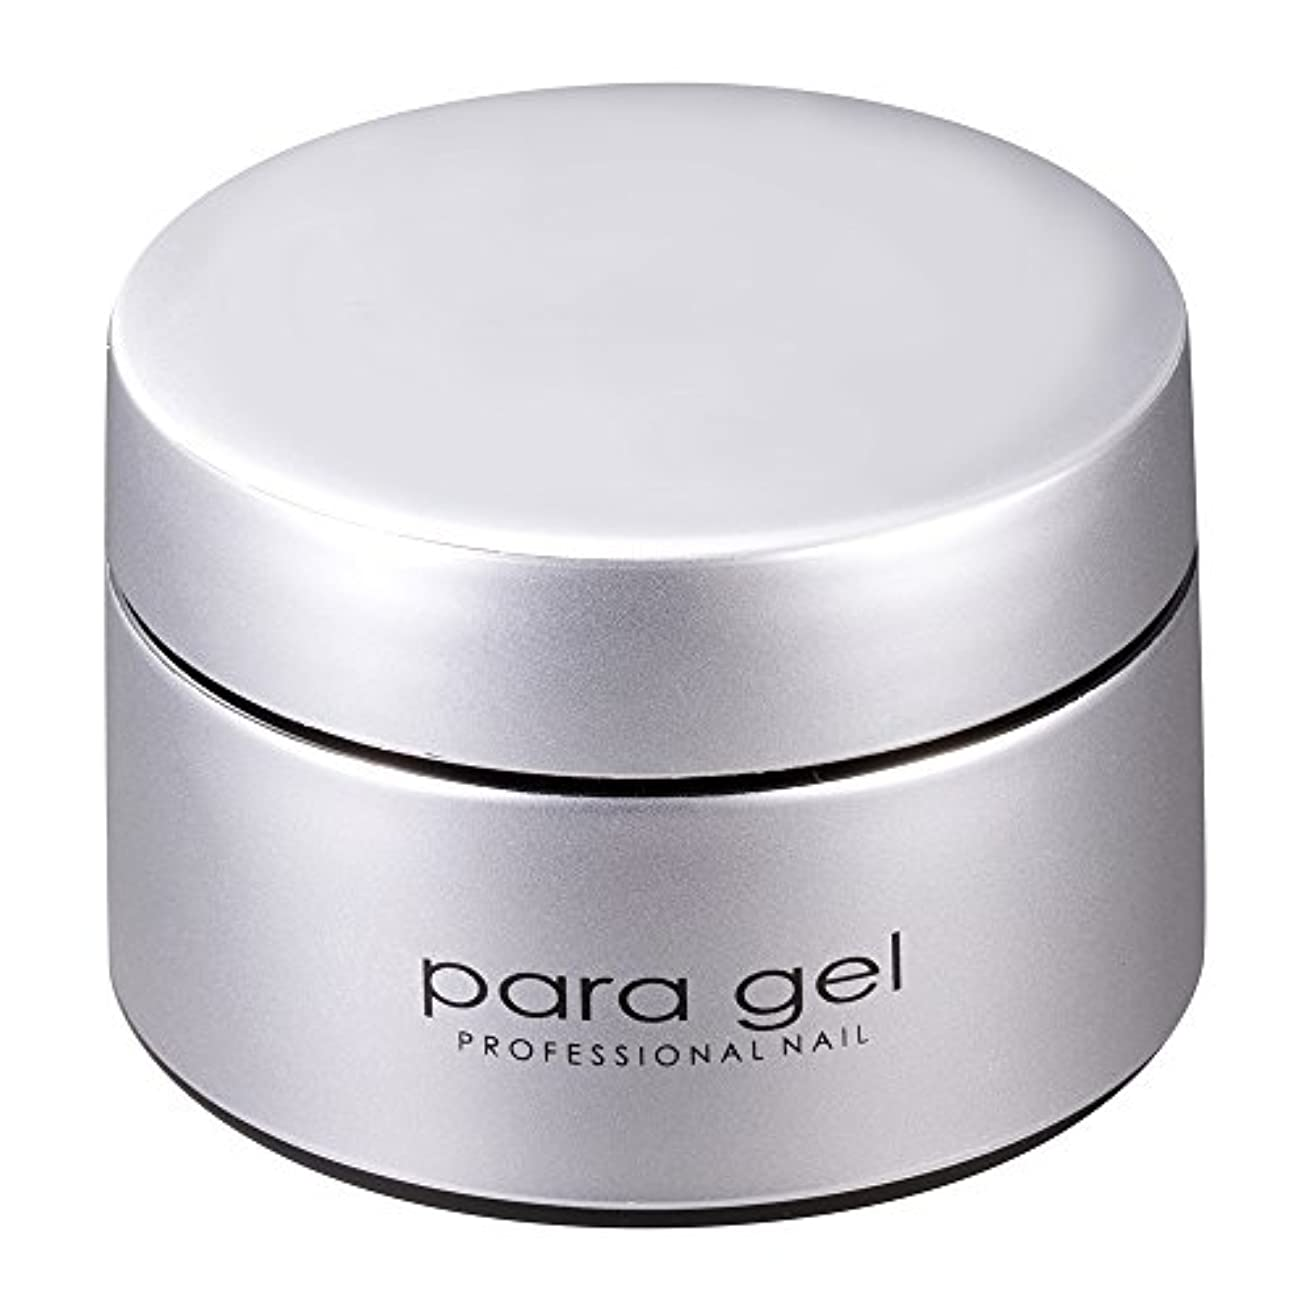 振り子季節イーウェルpara gel アートカラージェル AR1 ホワイト 2g